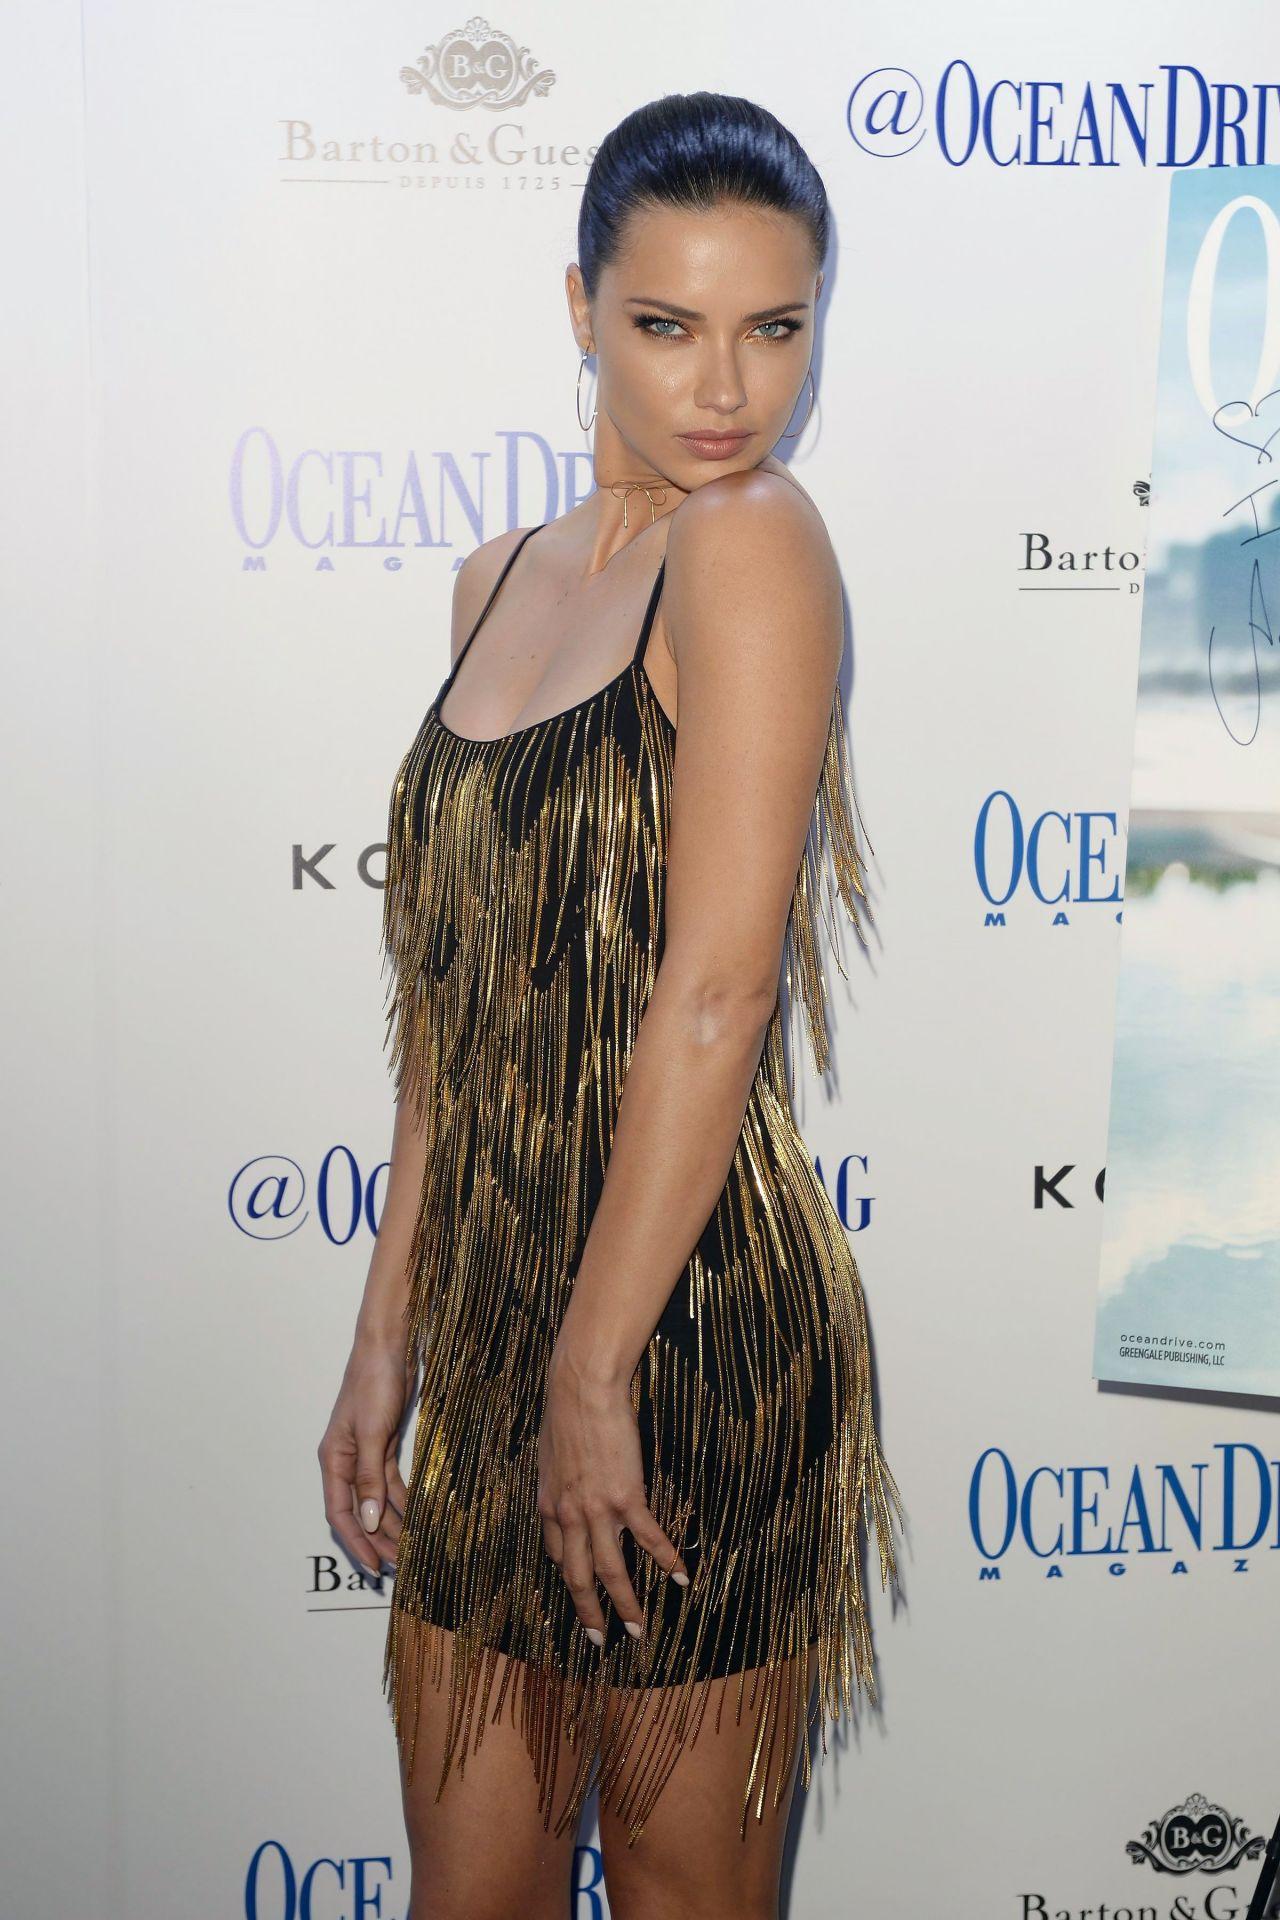 Adriana Lima Ocean Drive Magazine S Cover Event In Miami